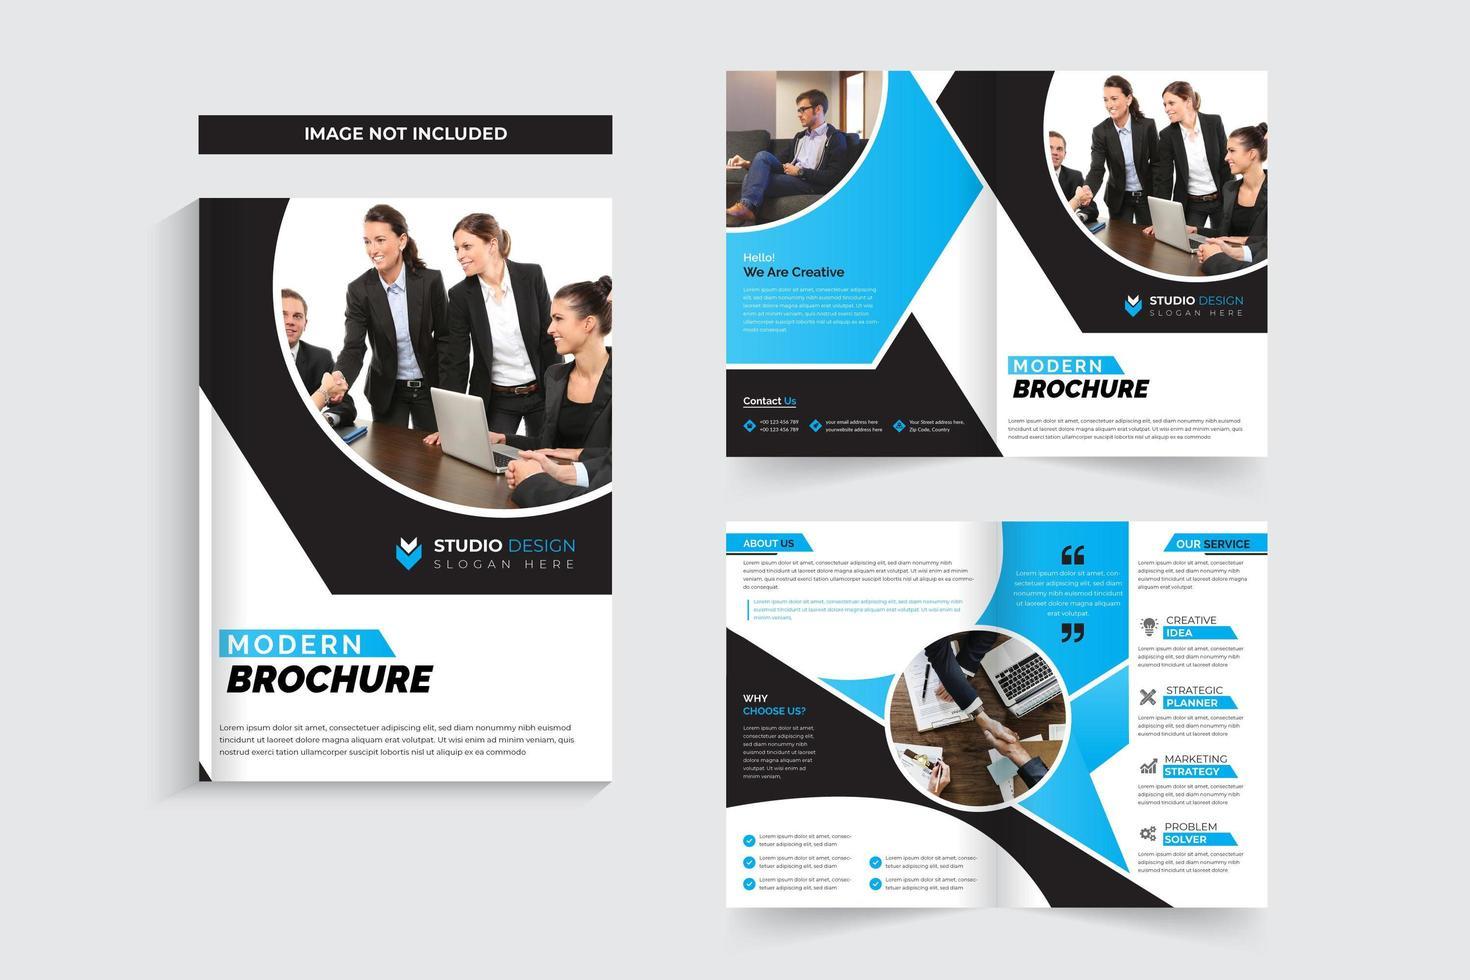 Diseño de plantilla de folleto corporativo de recorte circular vector